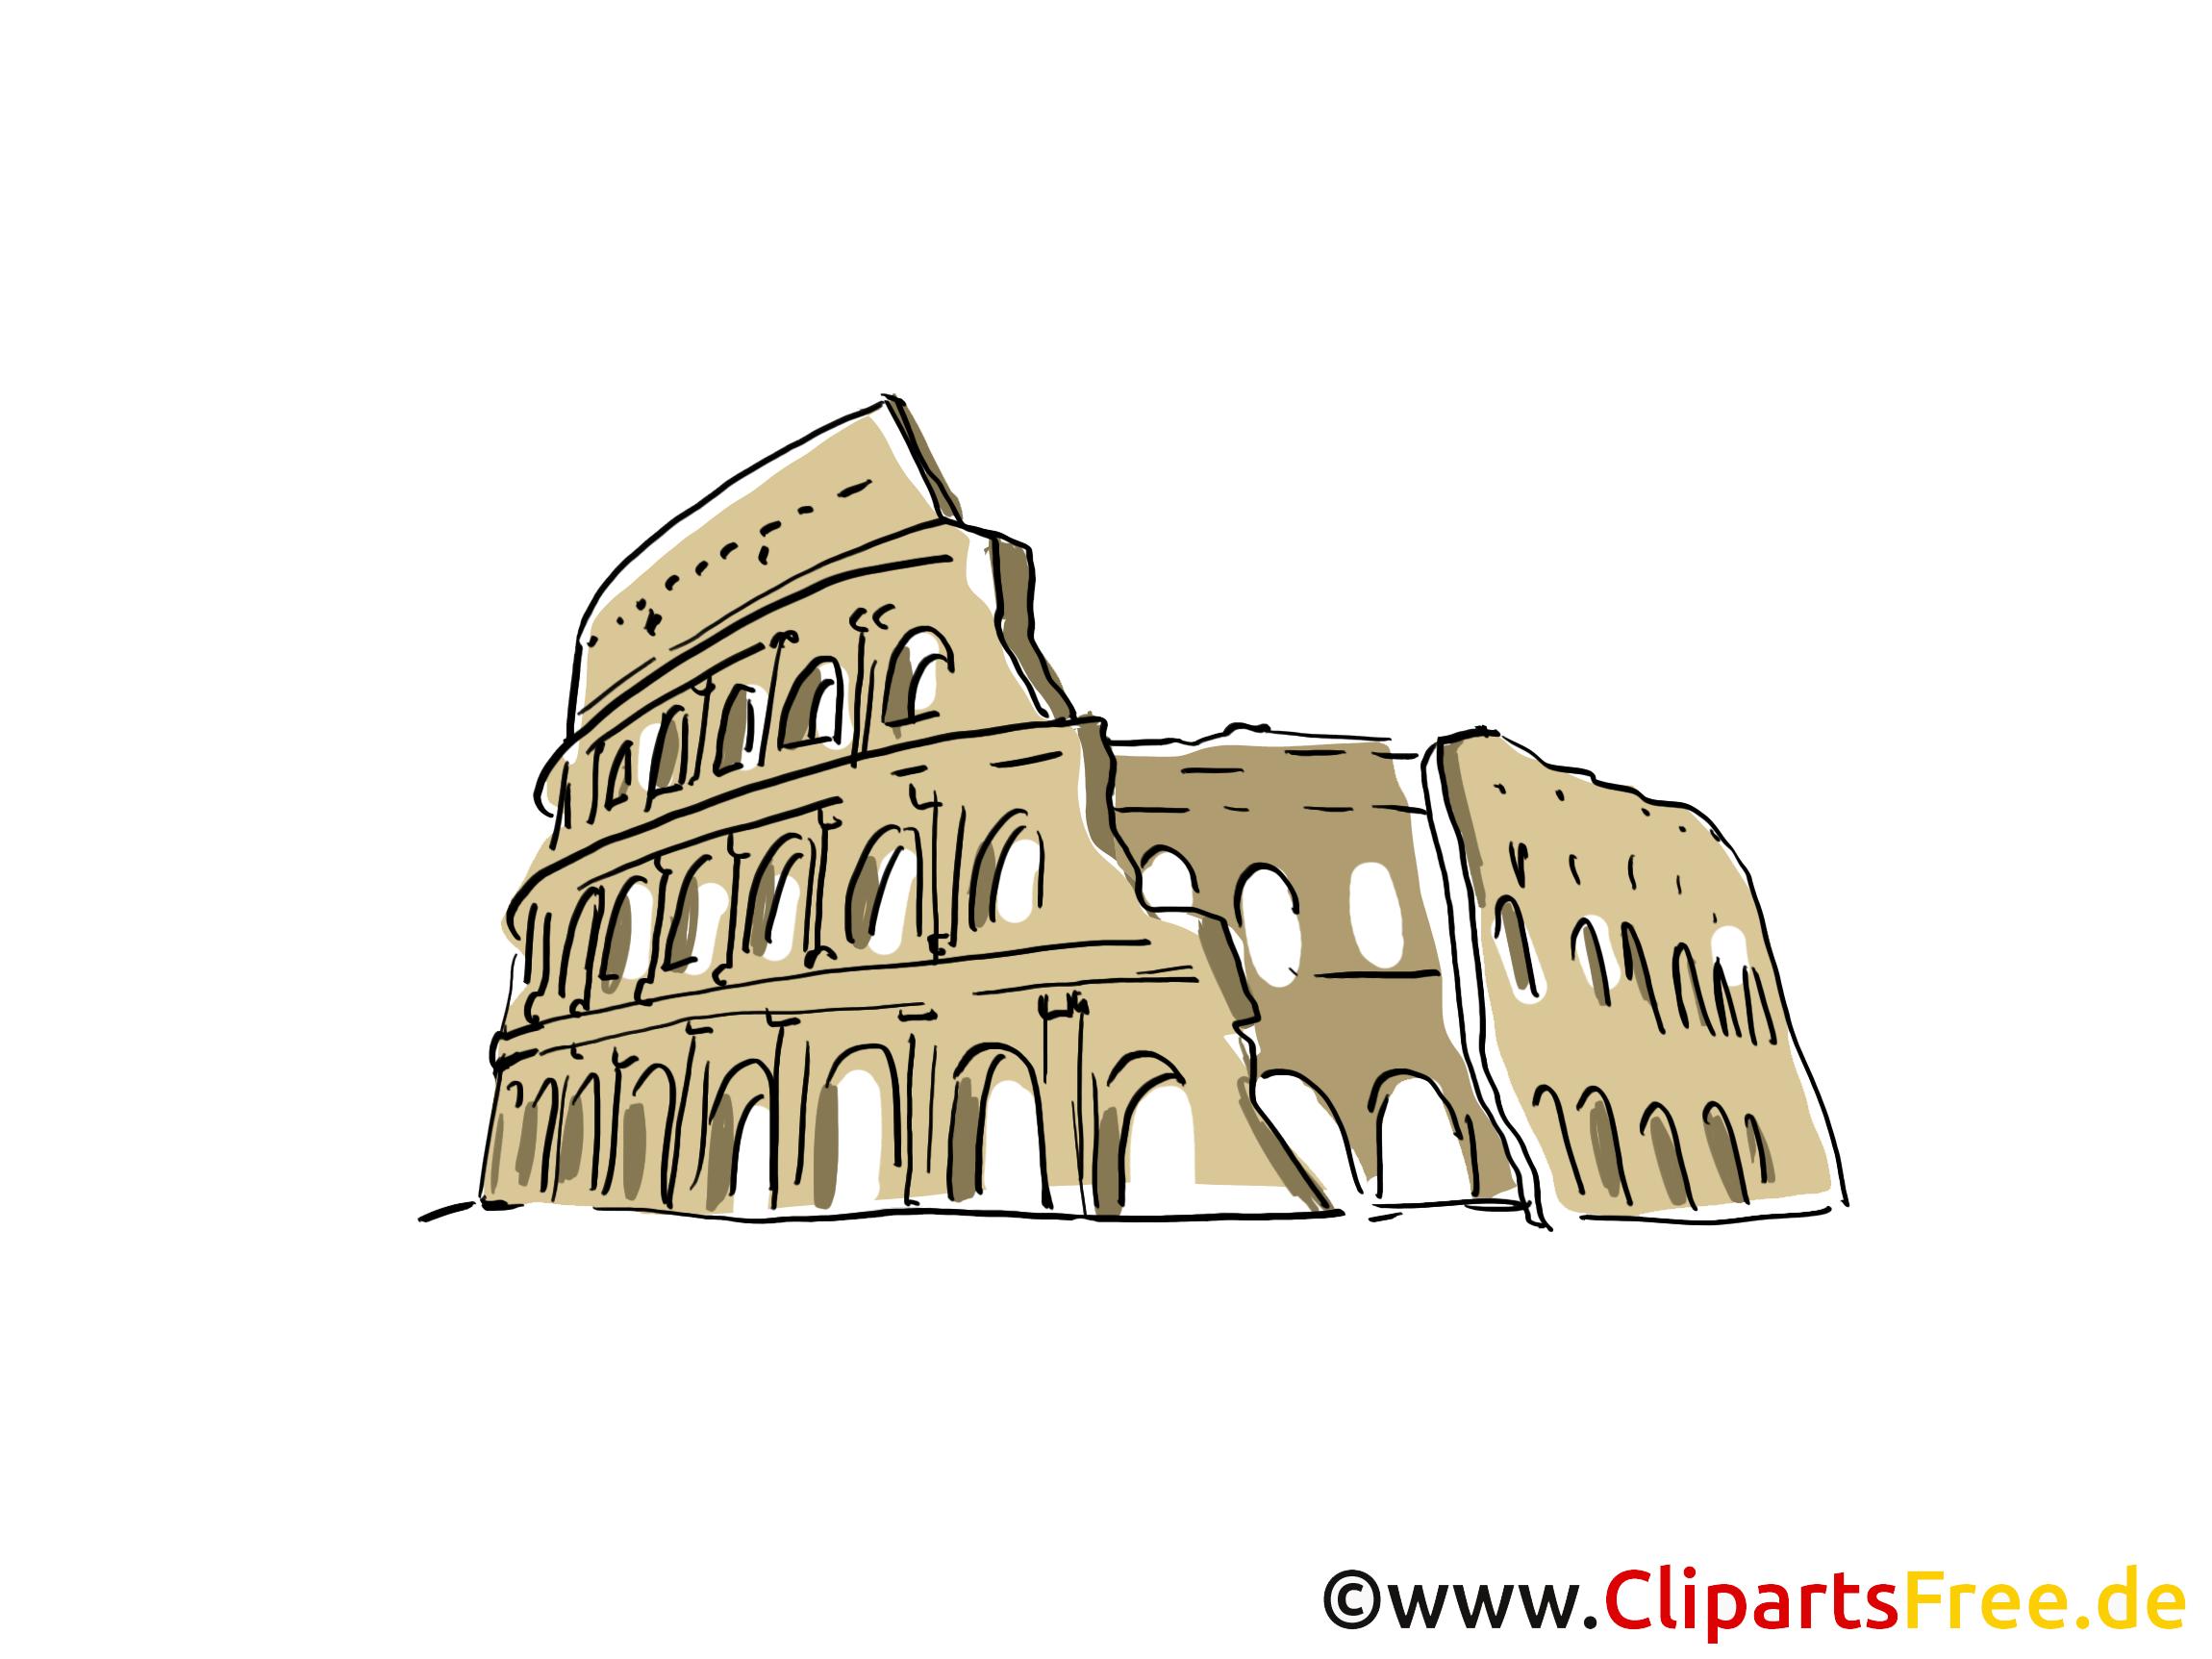 Clipart rome gratuit clip royalty free library Rome illustration gratuite - Colisée clipart - Voyage dessin ... clip royalty free library